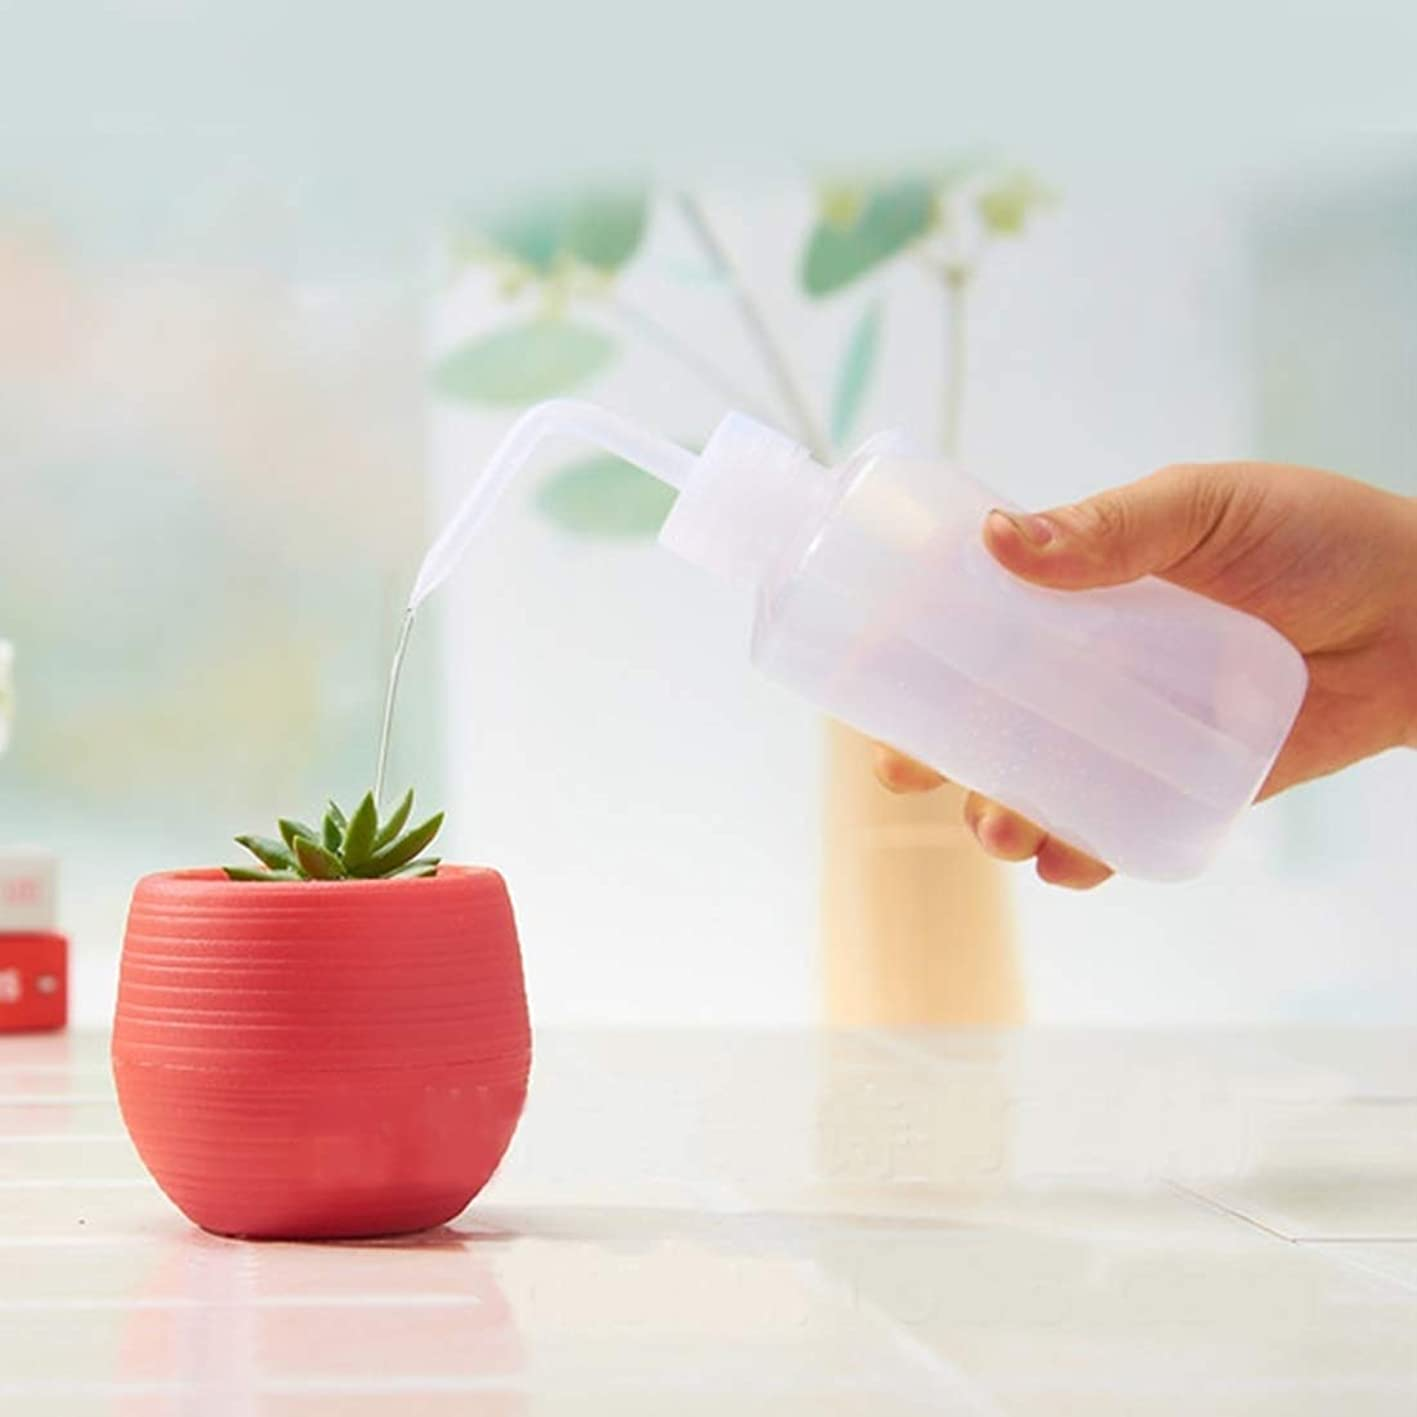 メロドラマすき失うGarden Supplies 曲がった口ドリップボトル工場じょうろ花鉢植えの水まきデバイスガーデニングツールセット、容量:250ミリリットル